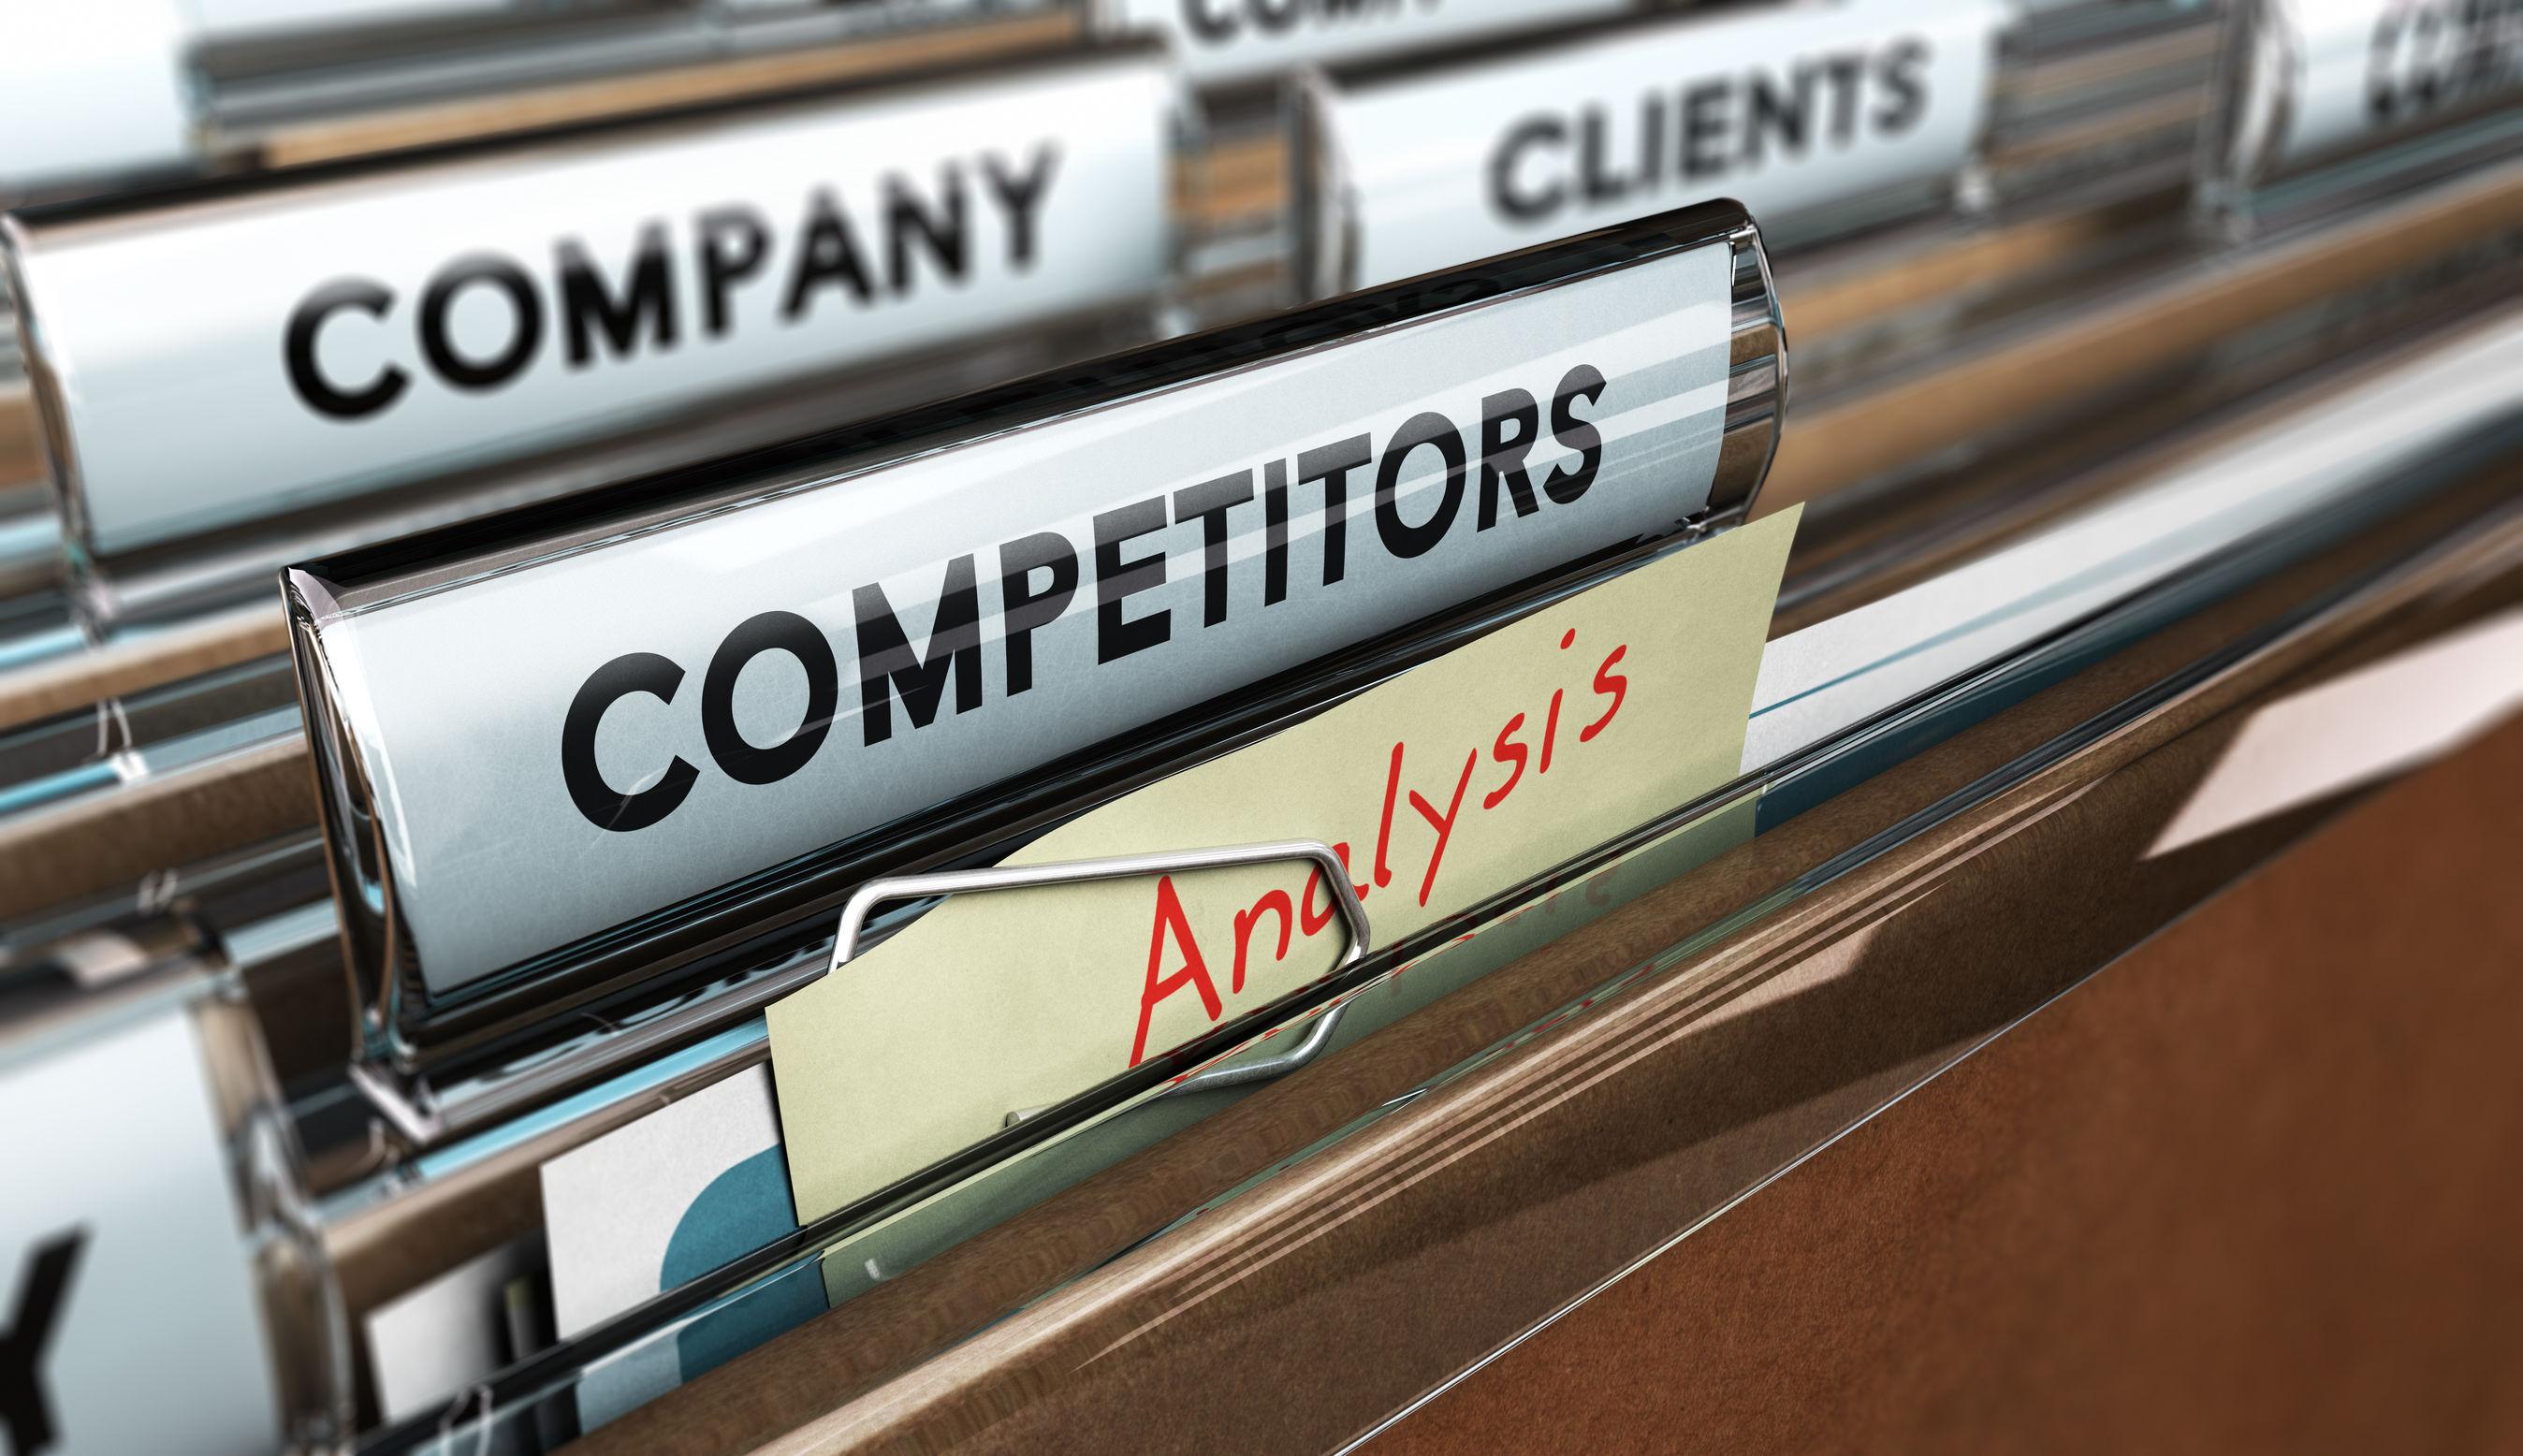 Analisis Kompetitif